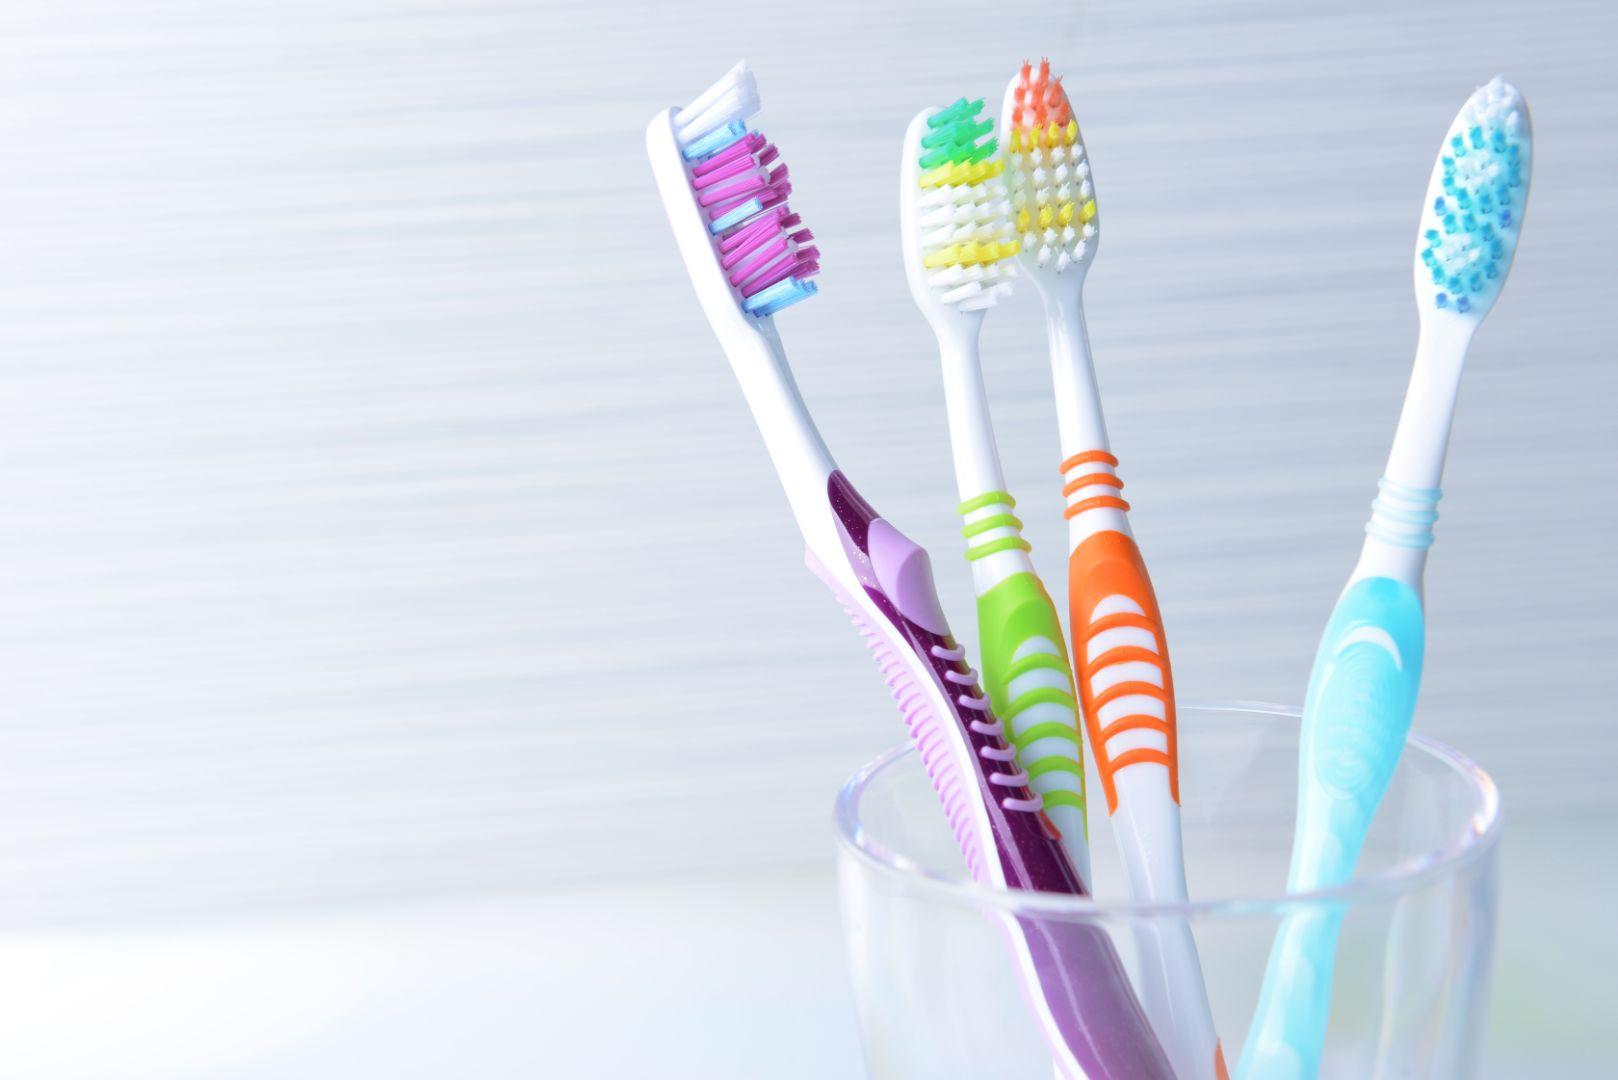 Escova de dentes: você sabe escolher as cerdas?